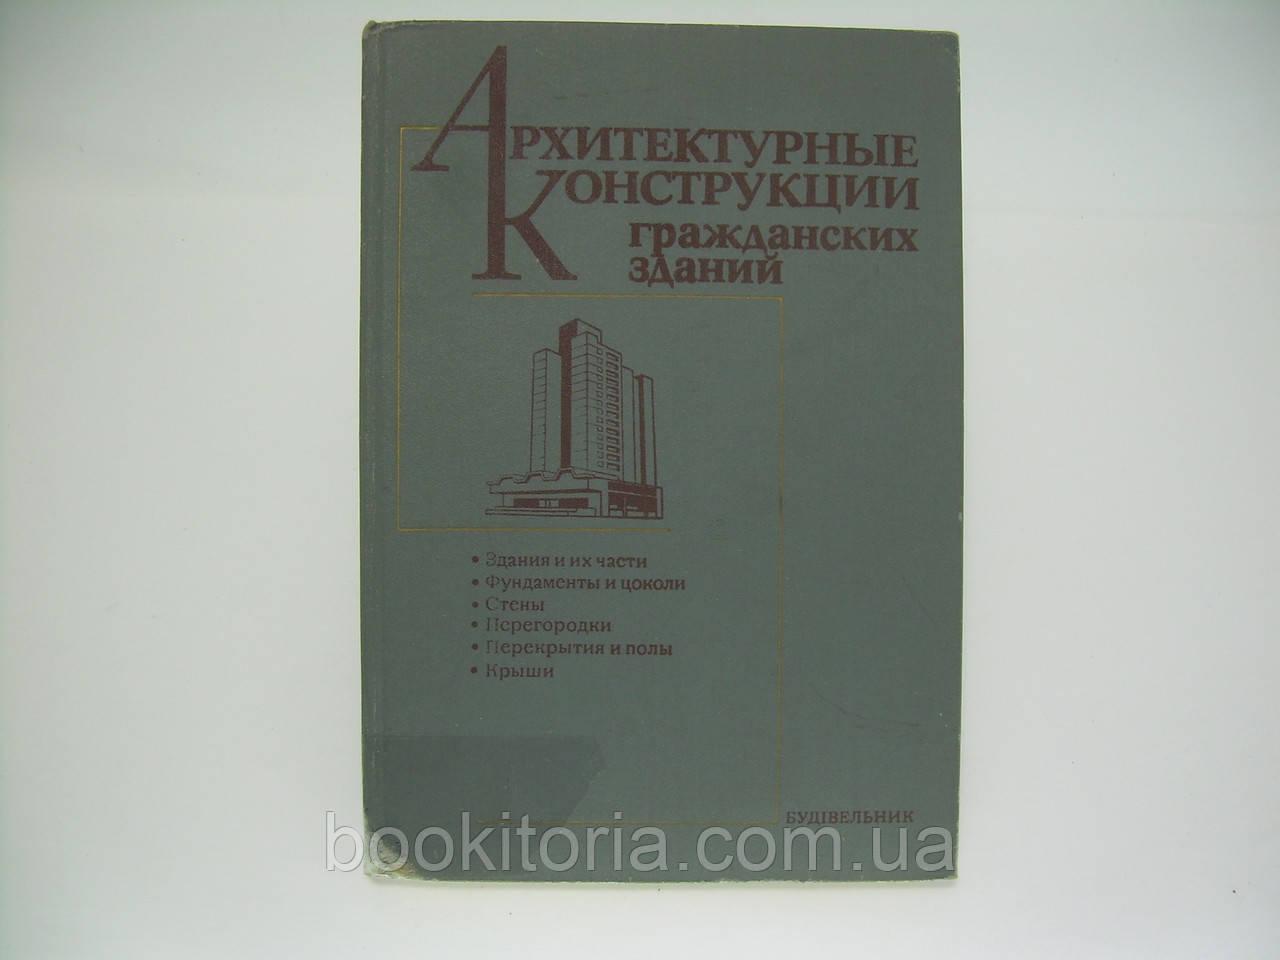 Архитектурные конструкции гражданских зданий (б/у).